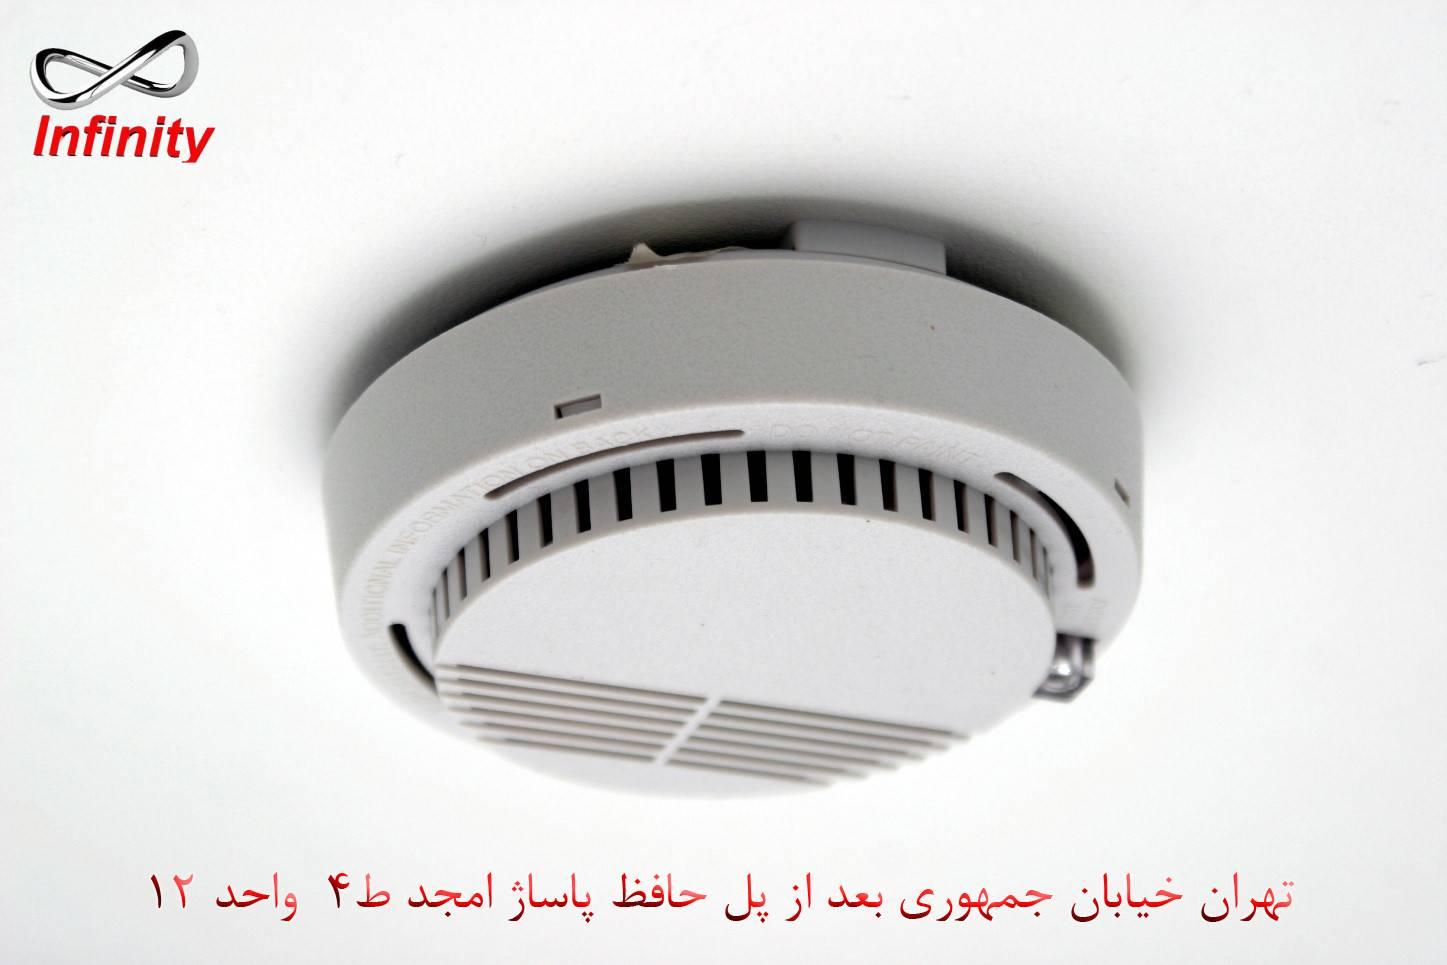 نقش انواع سنسورهای هشدار در امنیت محل